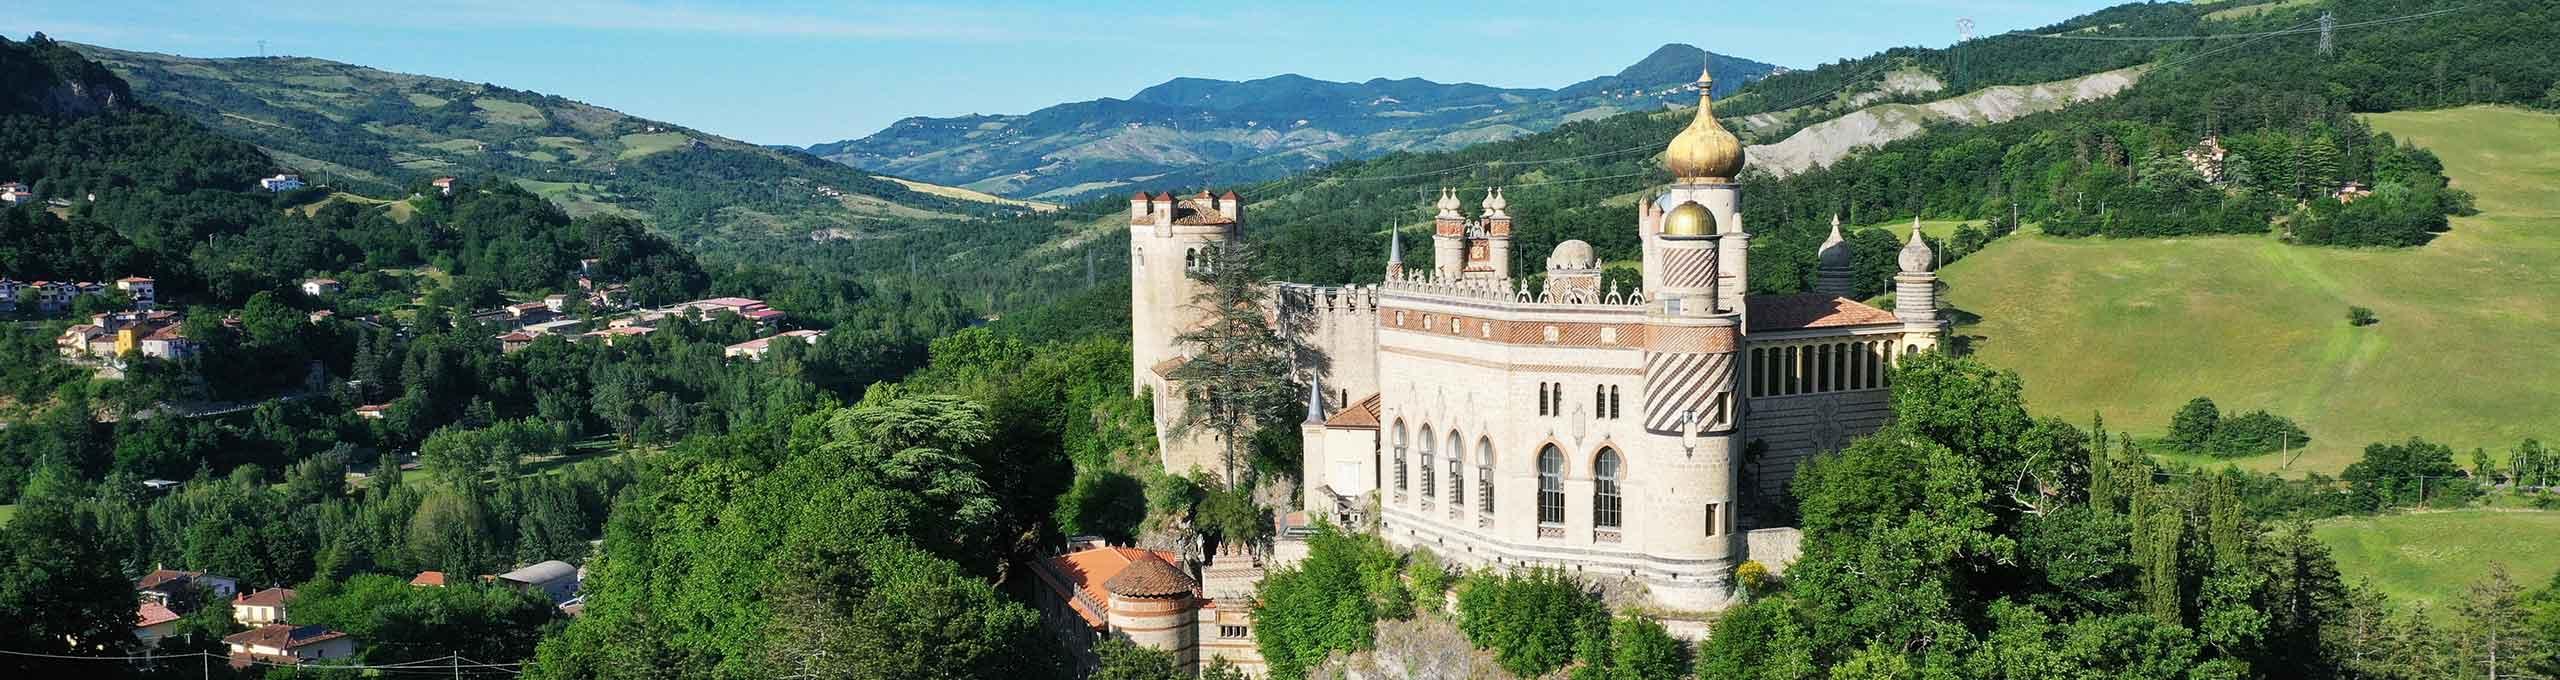 Grizzana Morandi, Appennino Bolognese, Castello Rocchetta Mattei